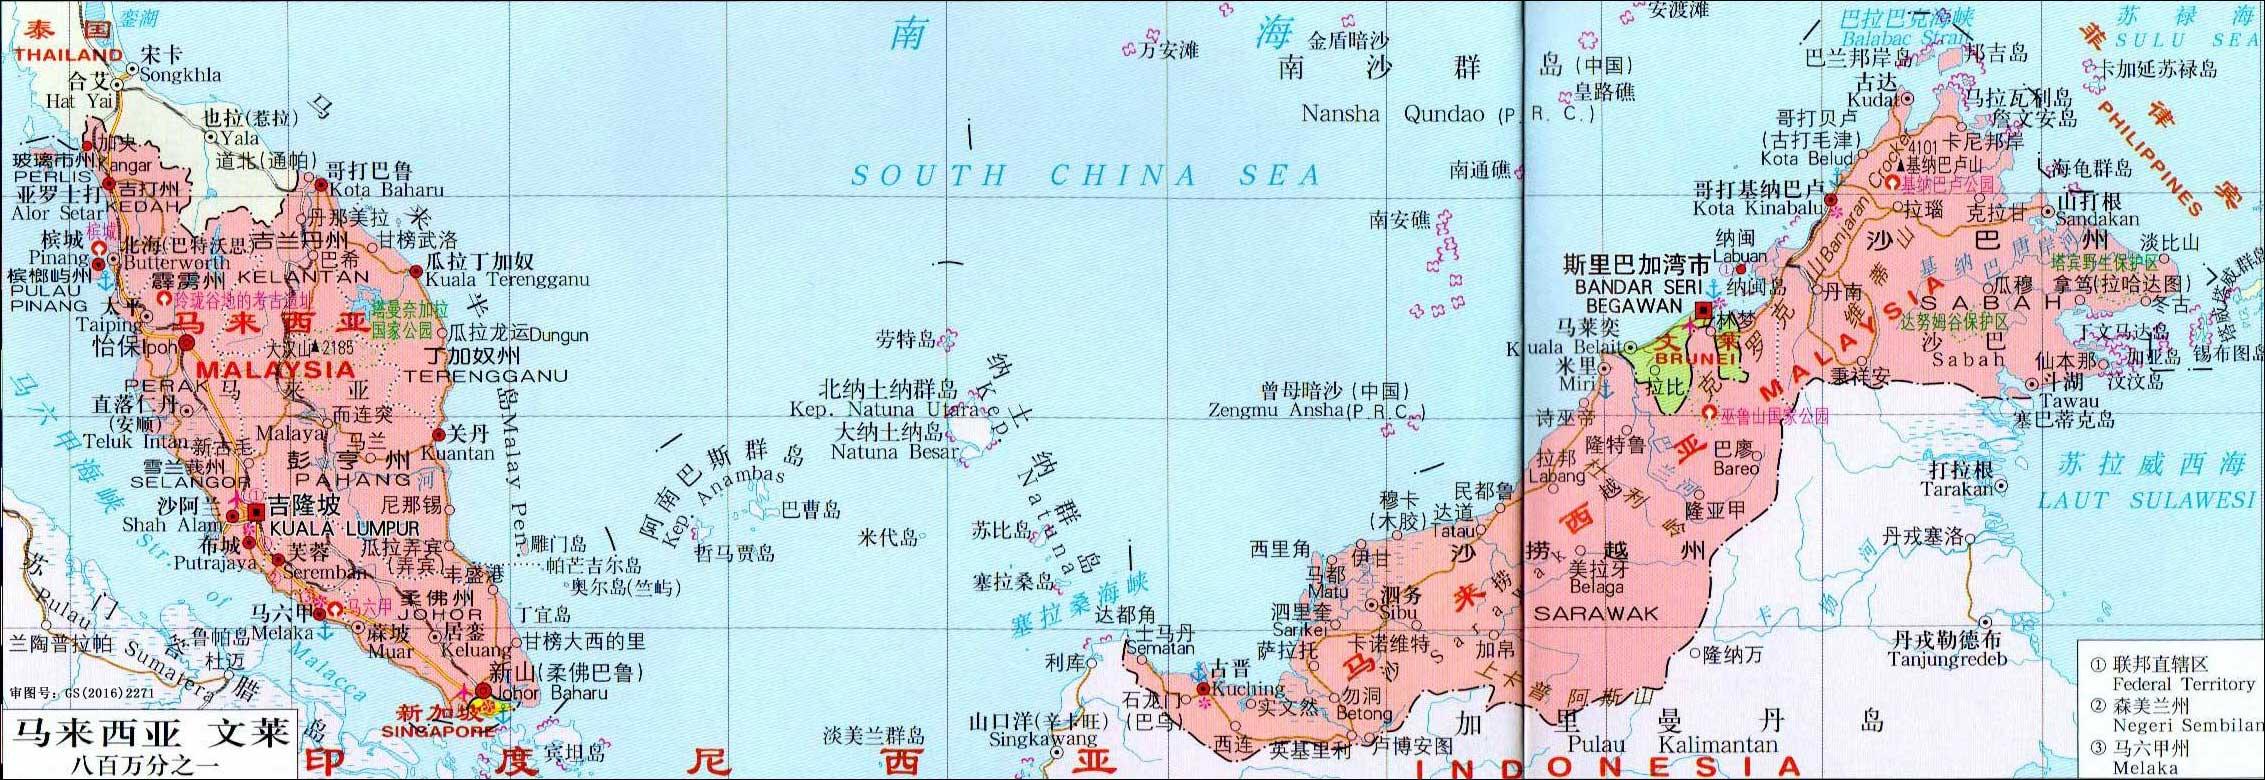 马来西亚地图,文莱地图_中文版全图